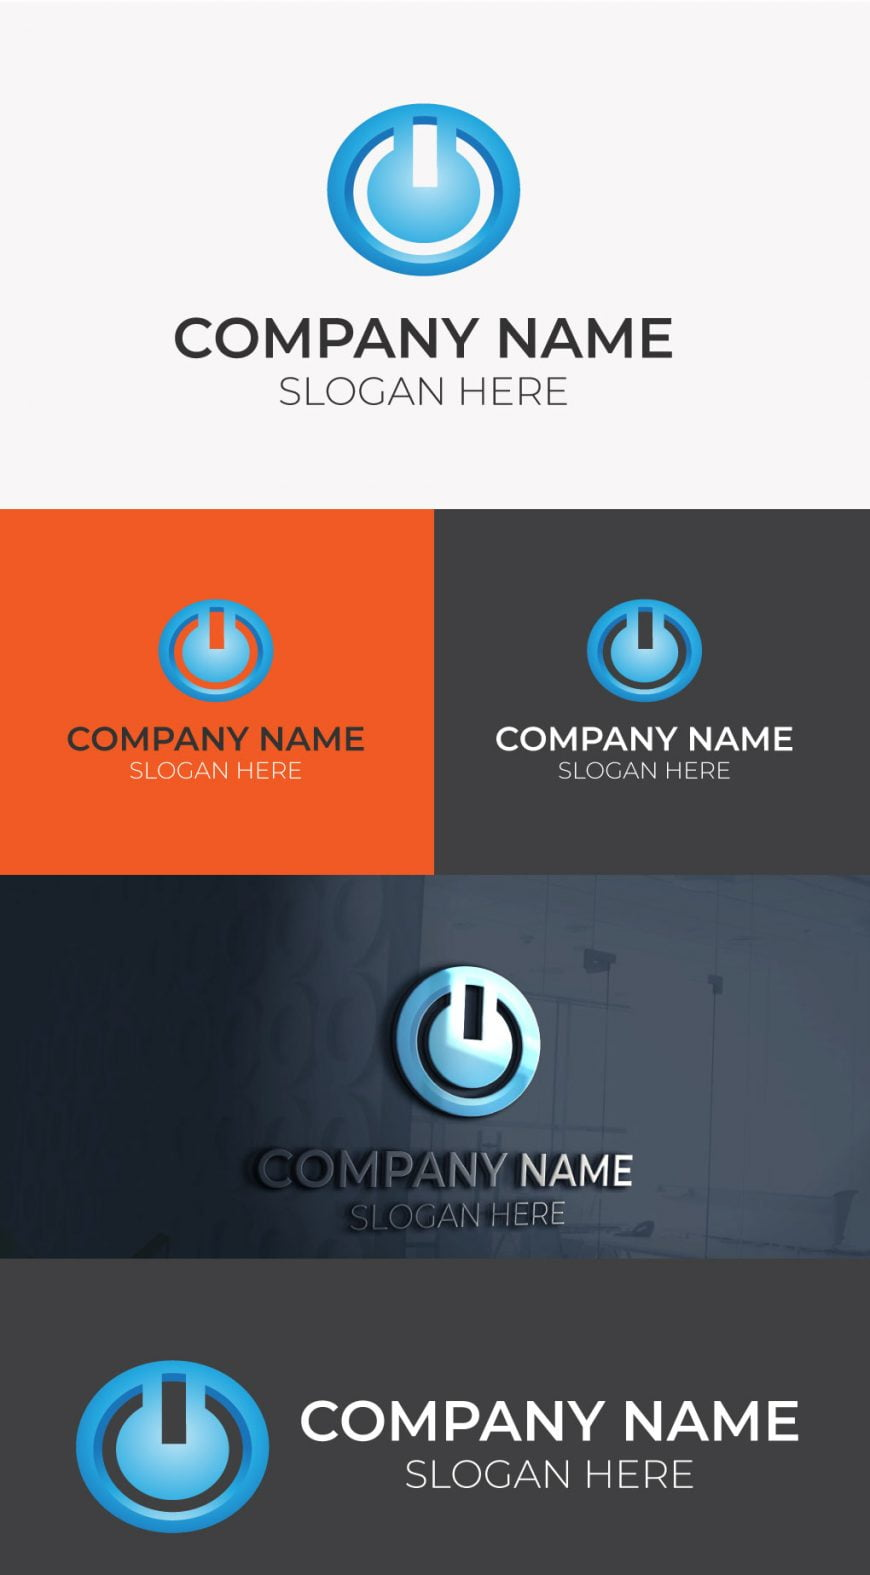 tech-logo-free-template